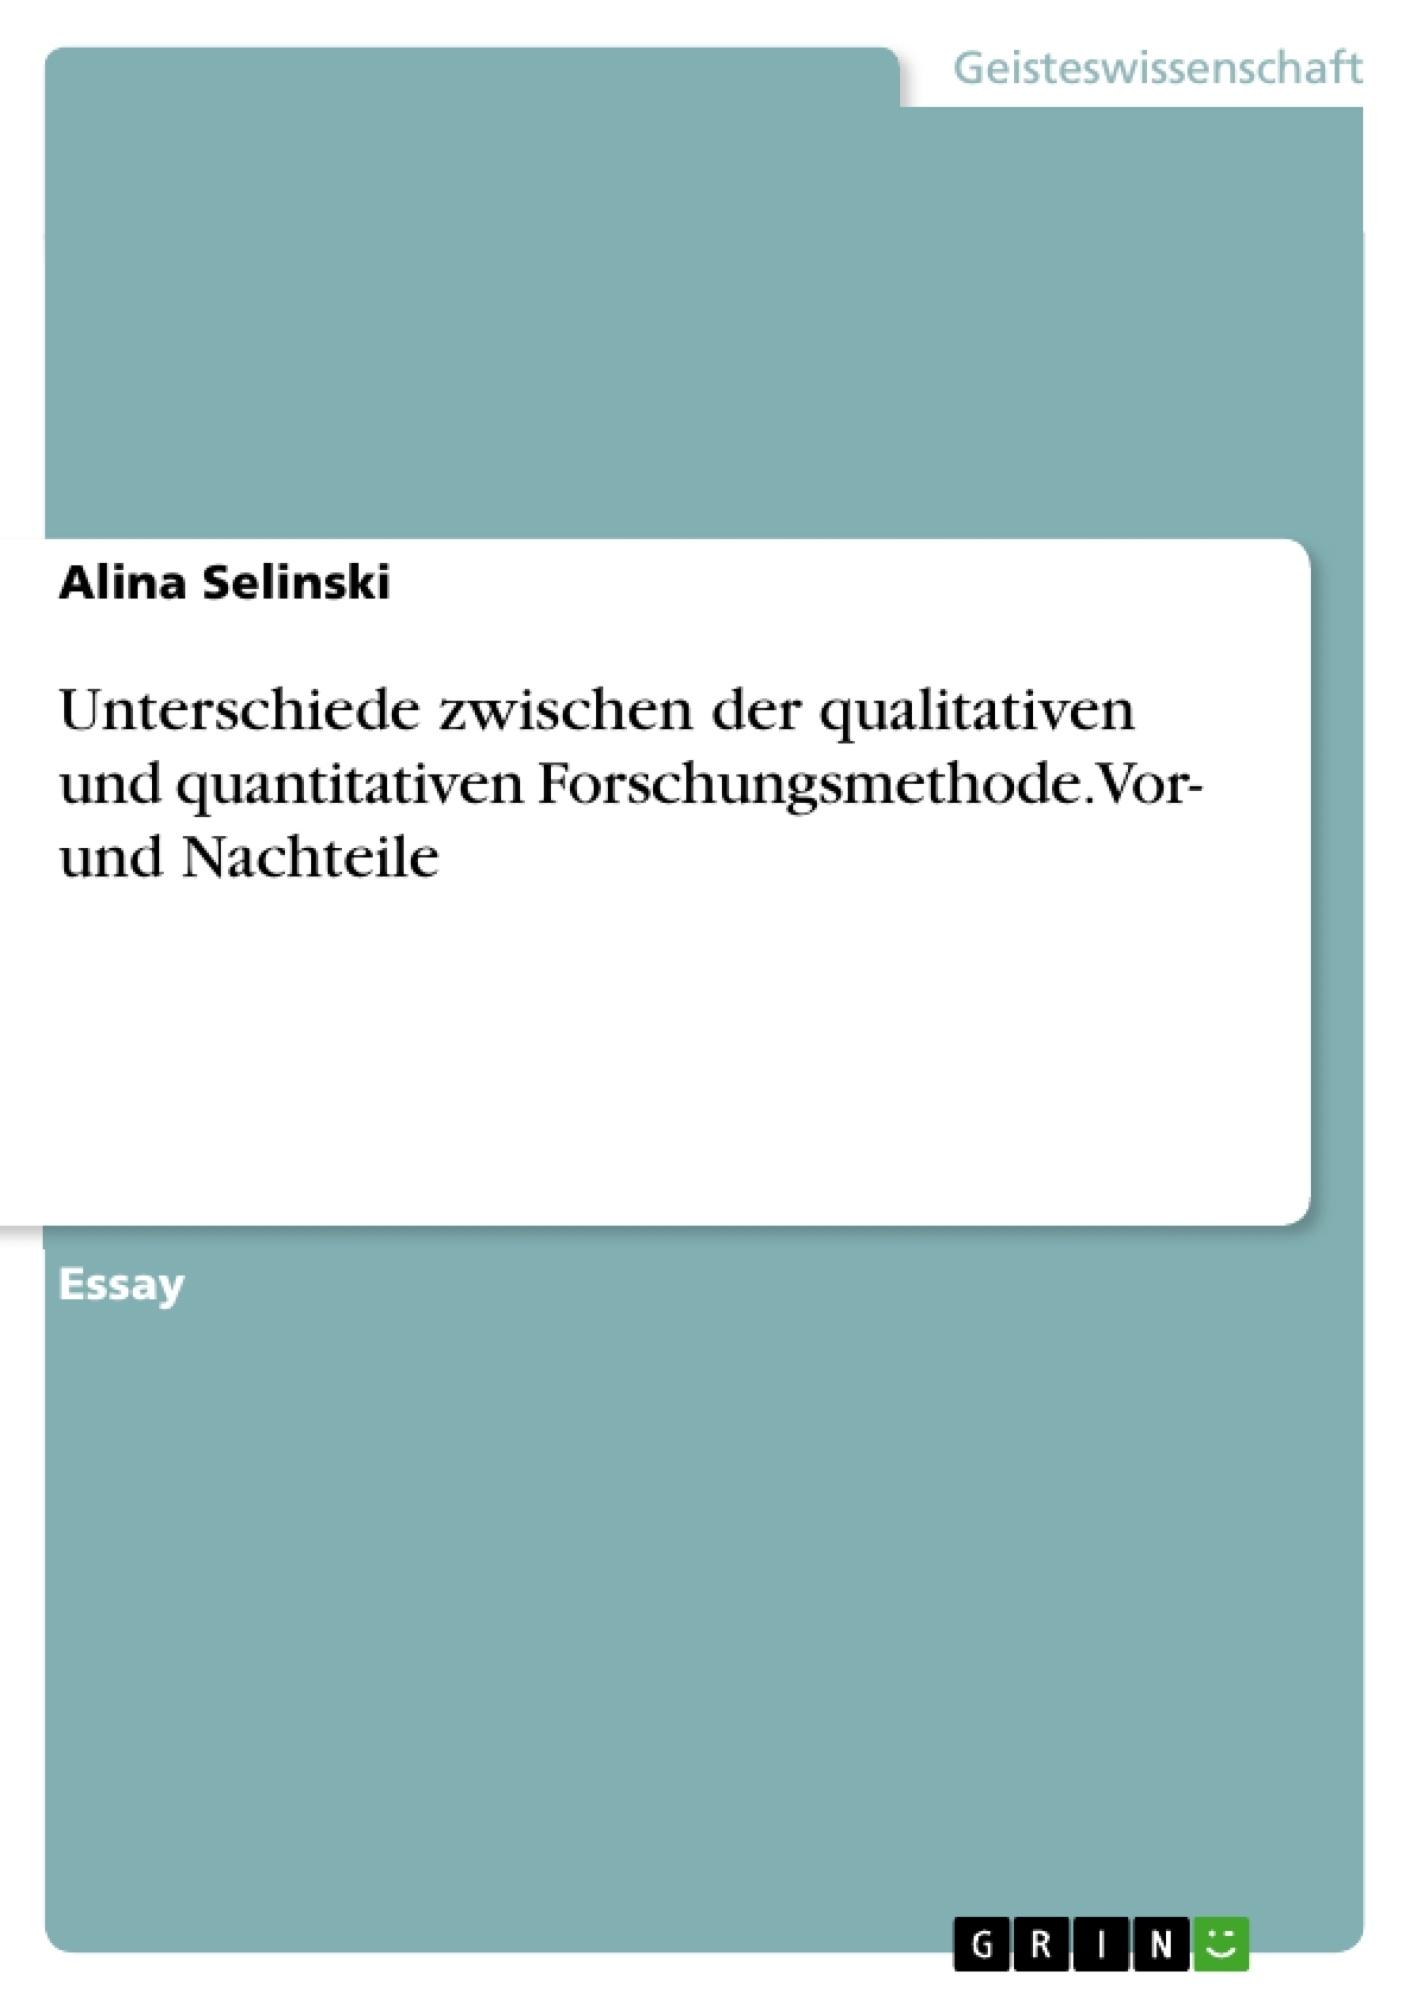 Titel: Unterschiede zwischen der qualitativen und quantitativen Forschungsmethode. Vor- und Nachteile